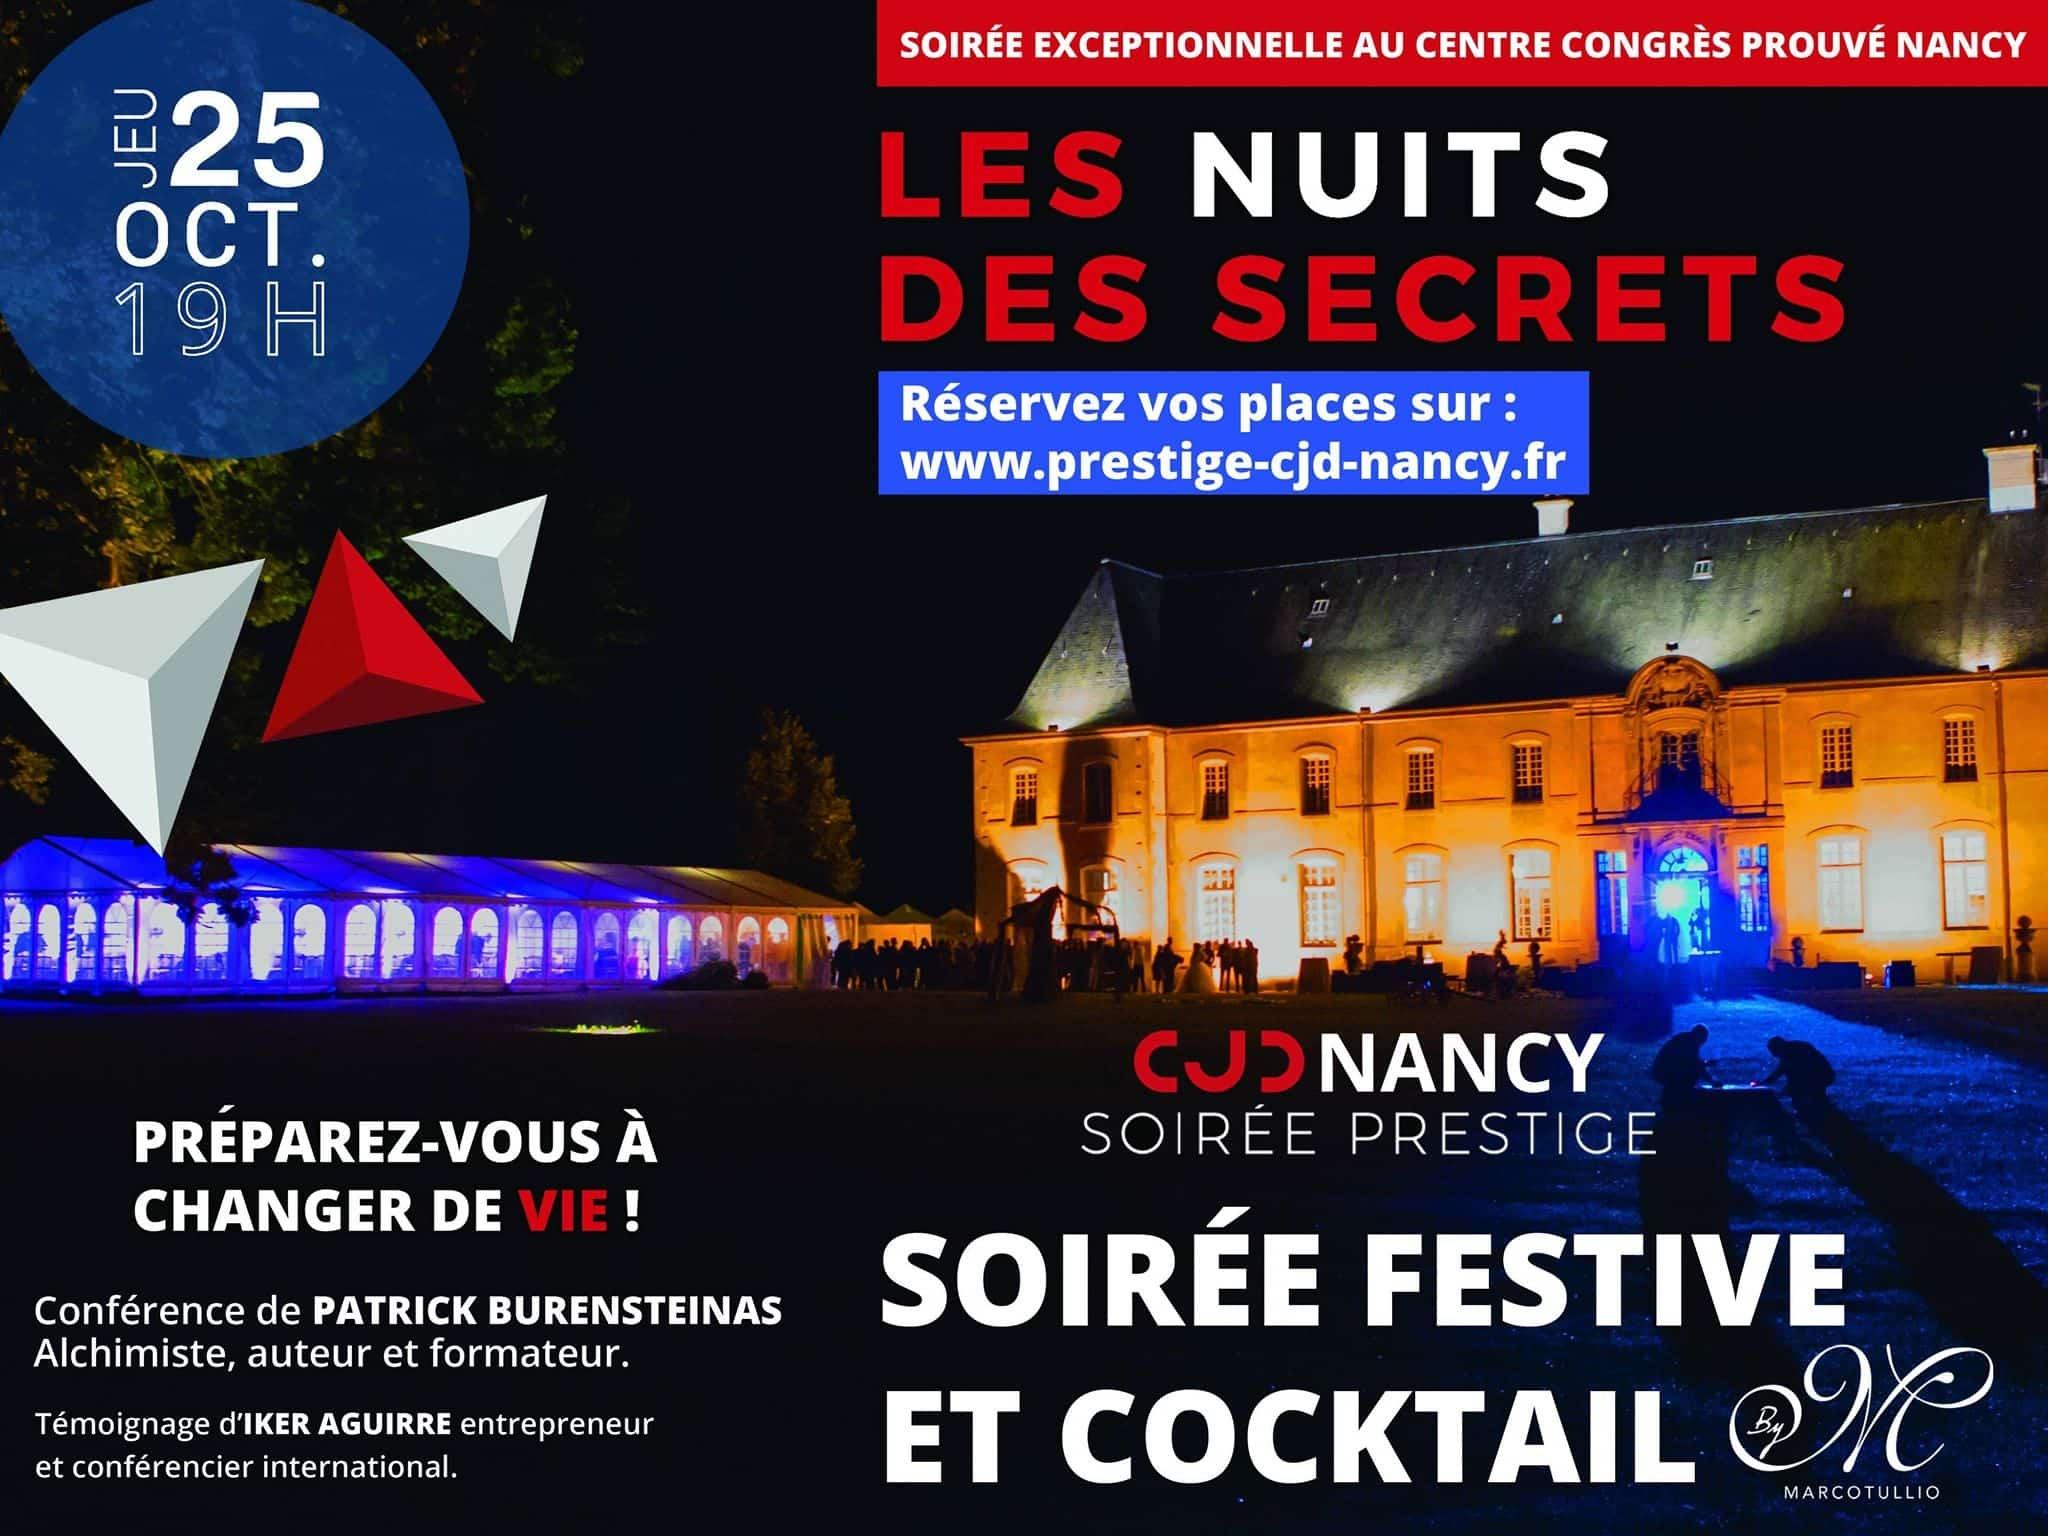 CJD Nancy - Soirée Prestige 2018